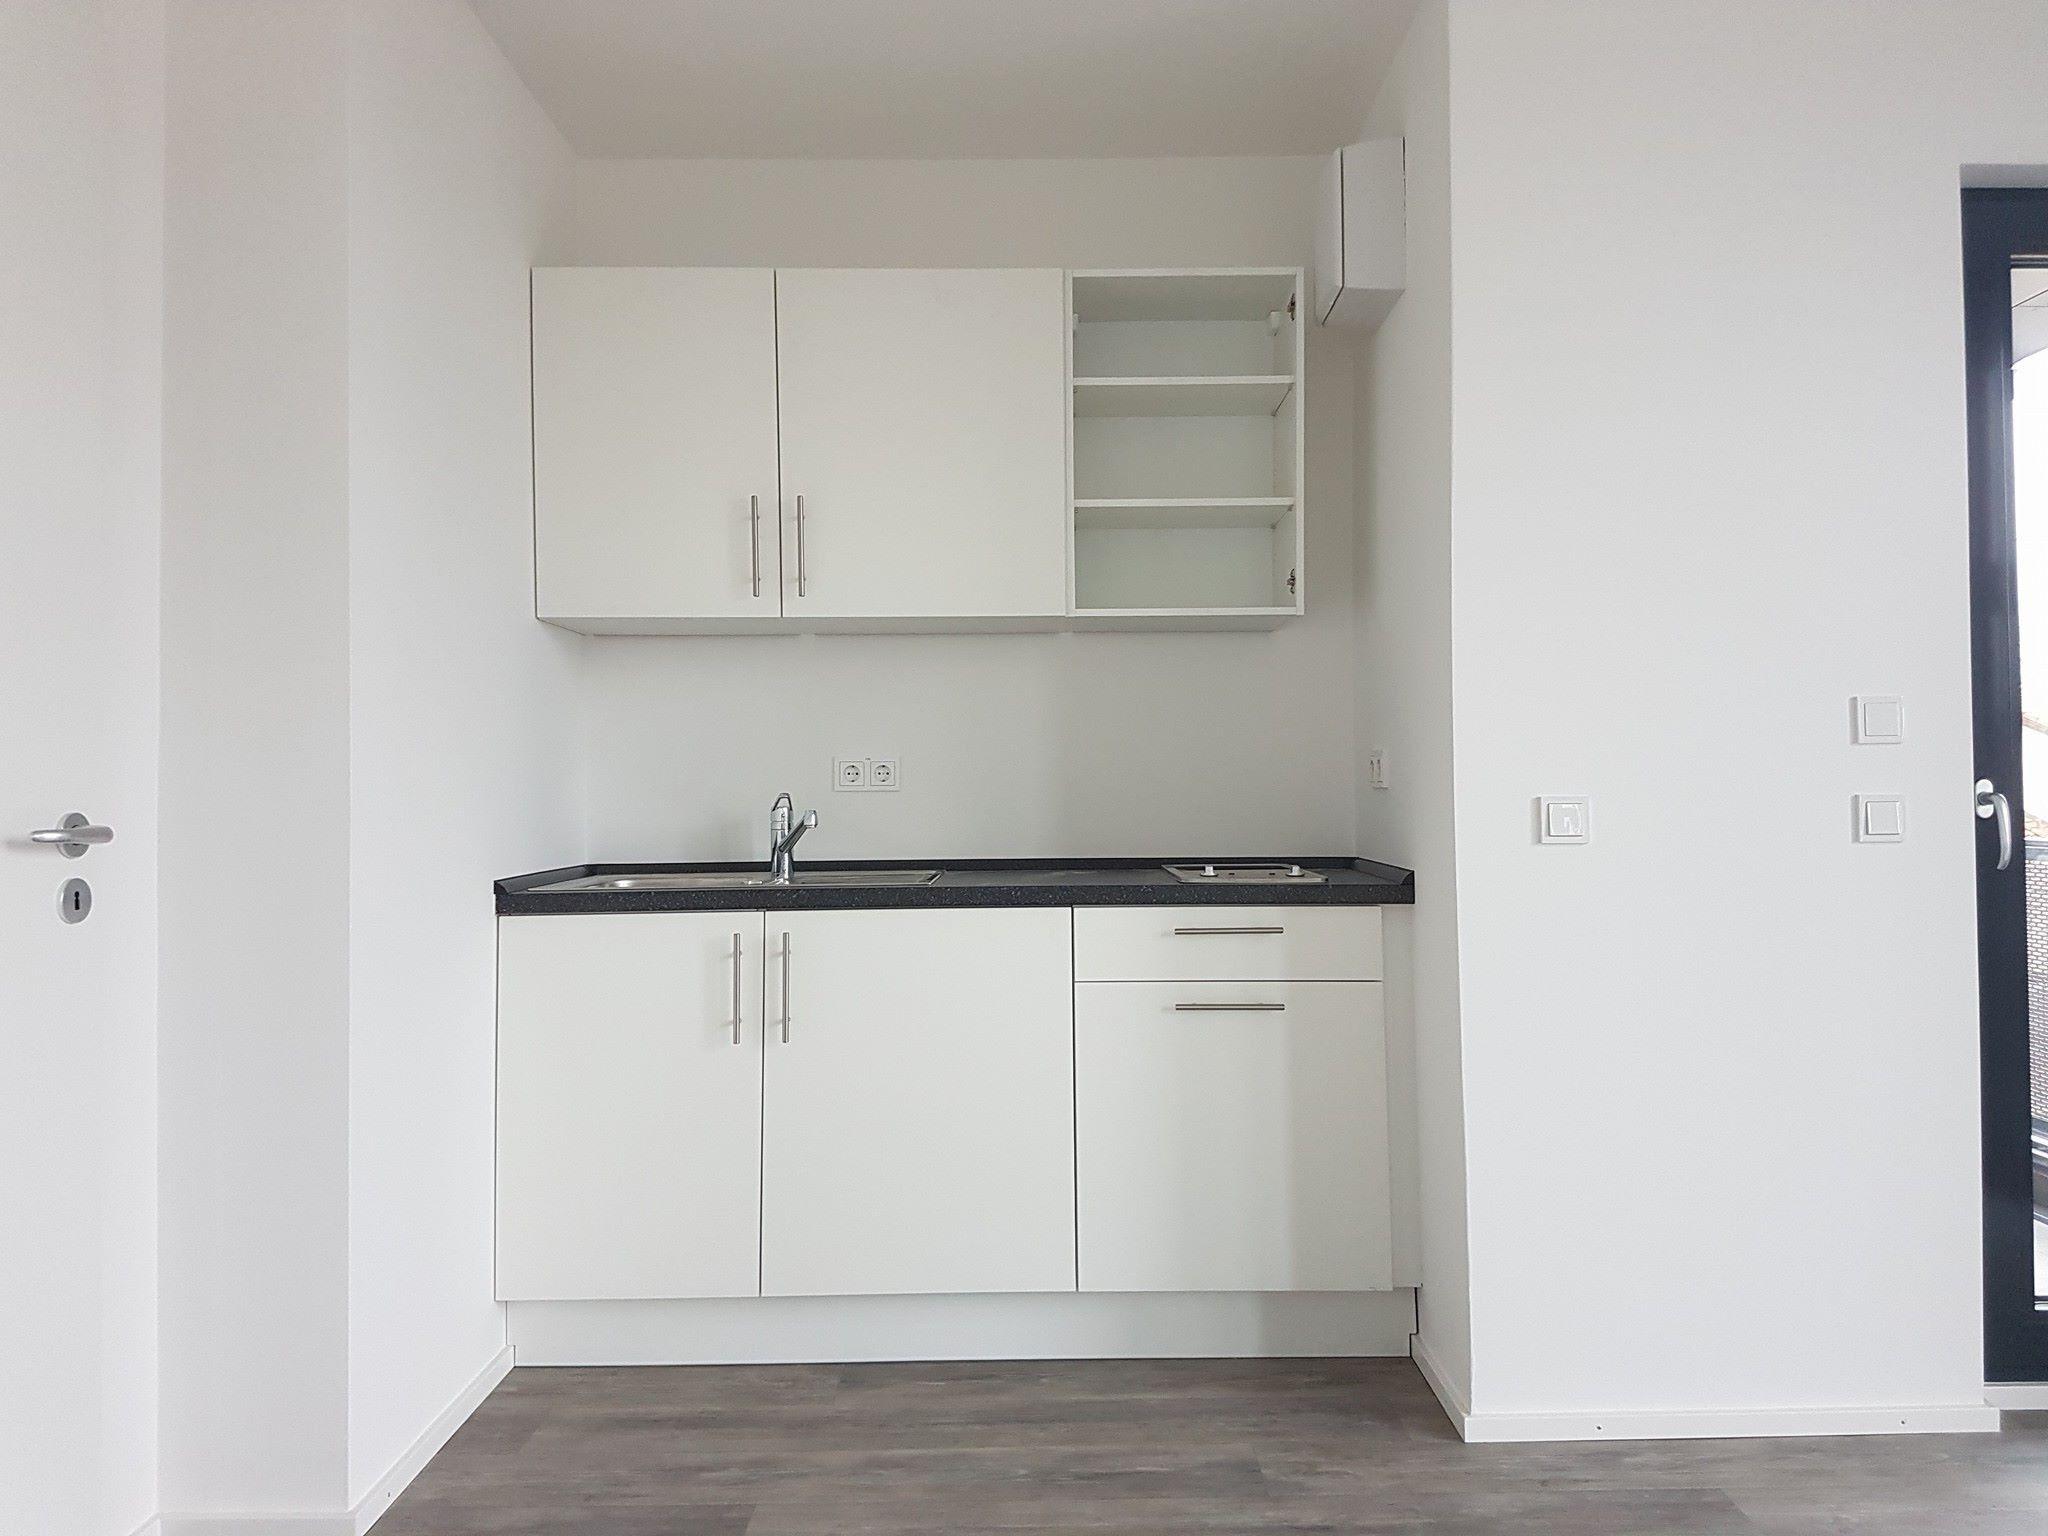 Full Size of In Der Büroküche Steht Eine Kollegin Büro Küche Aufräumen Büroküchenschrank Leichte Büroküche Küche Büroküche